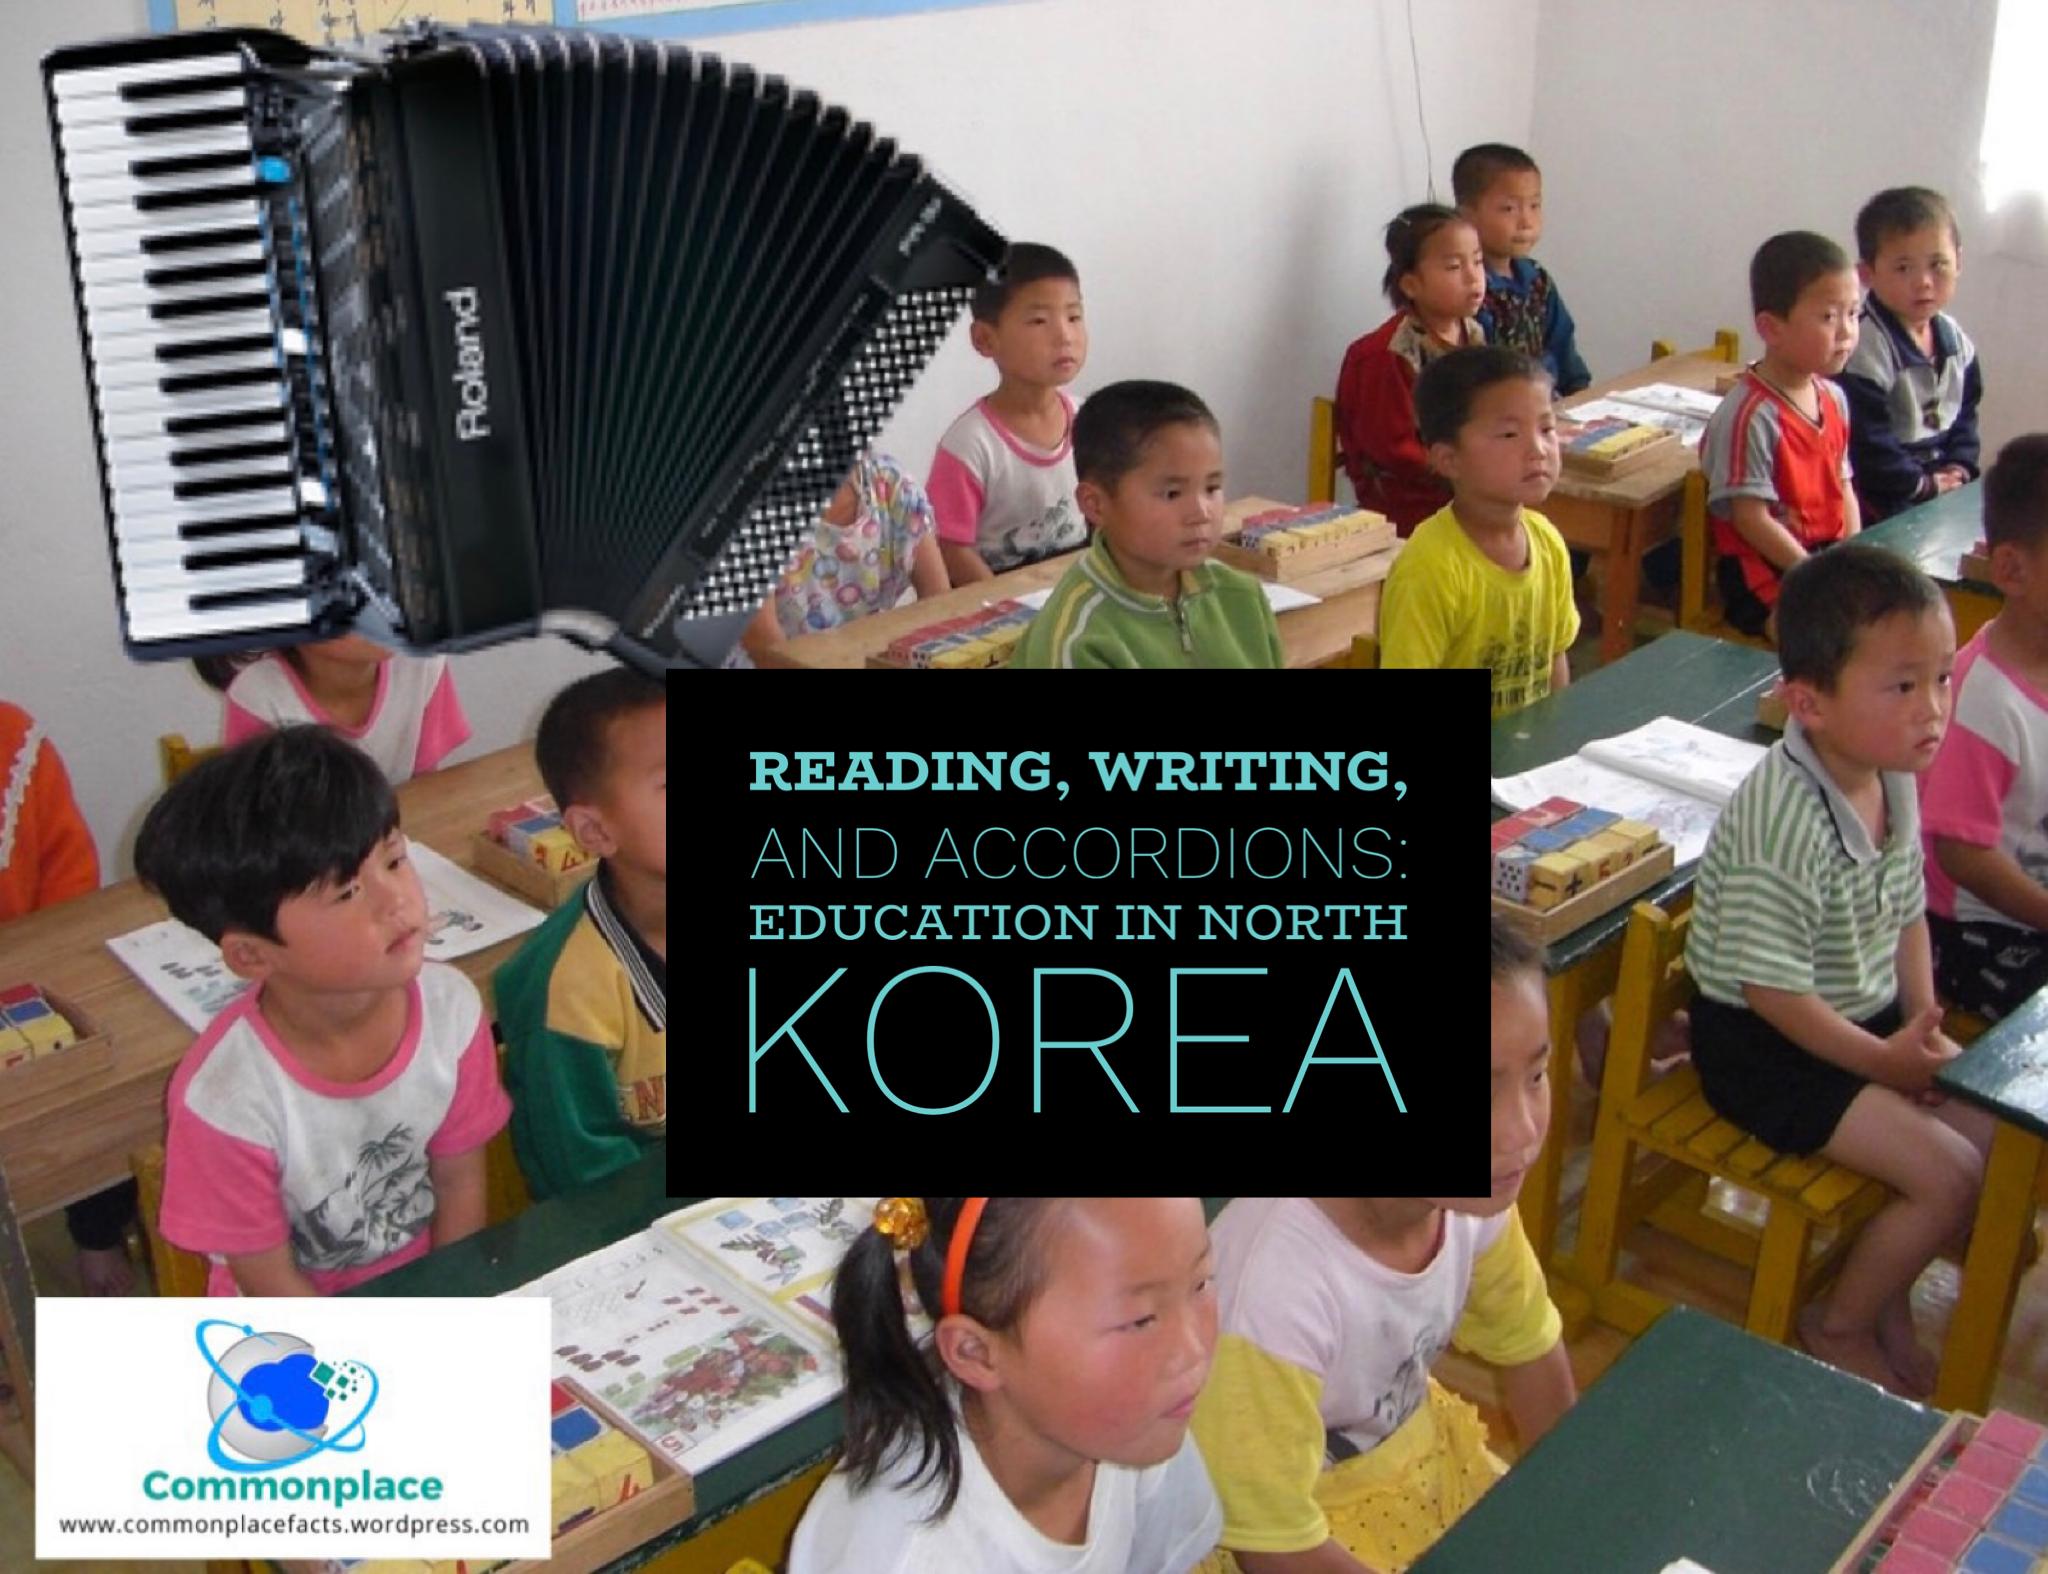 #accordions #NorthKorea #Education